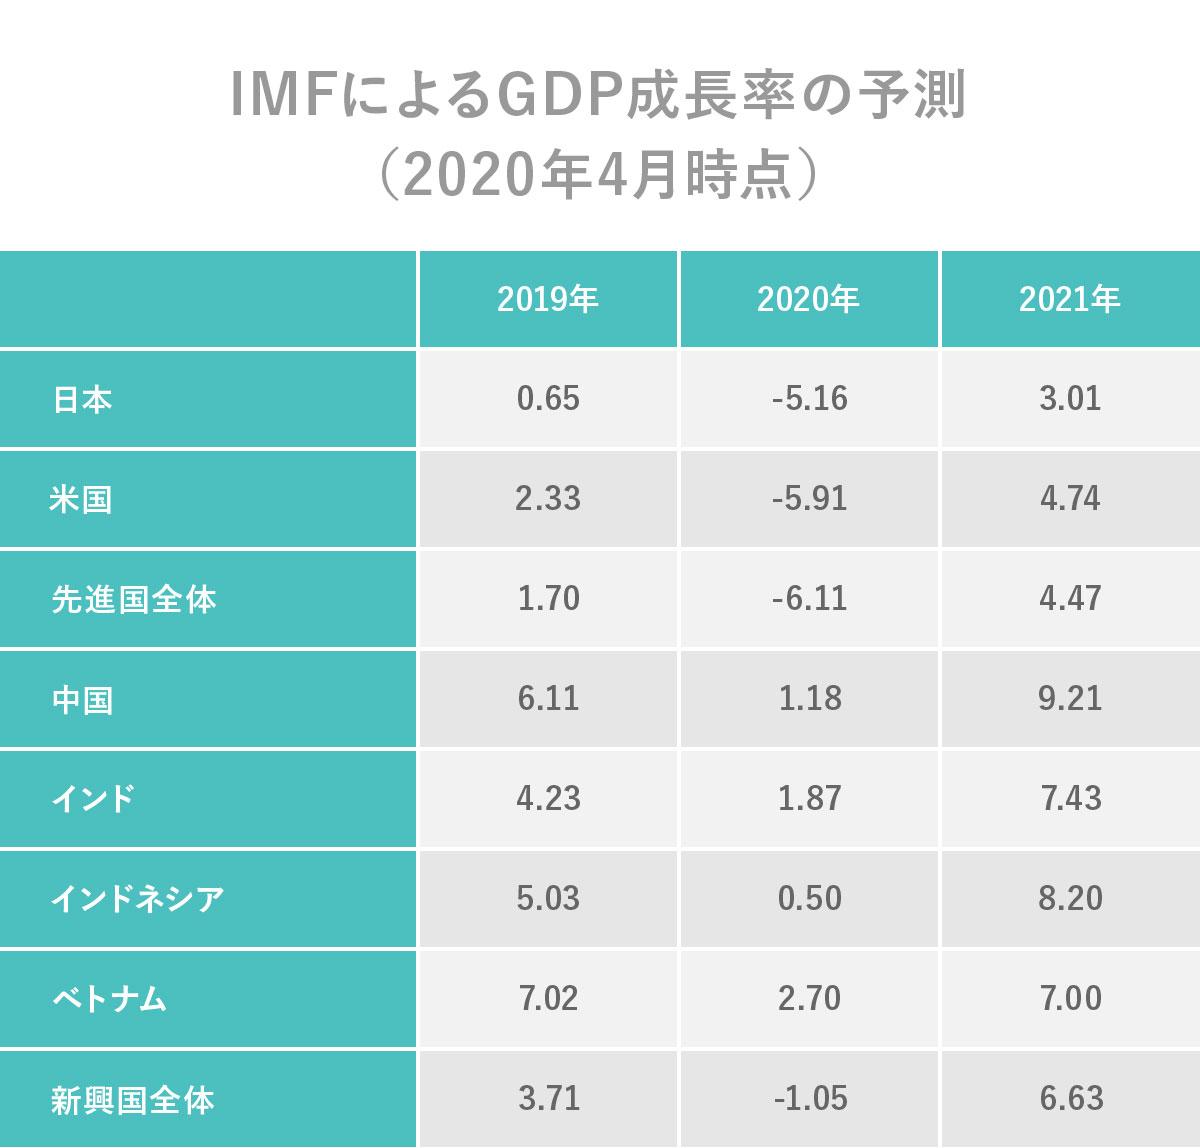 IMFによるGDP成長率の予測